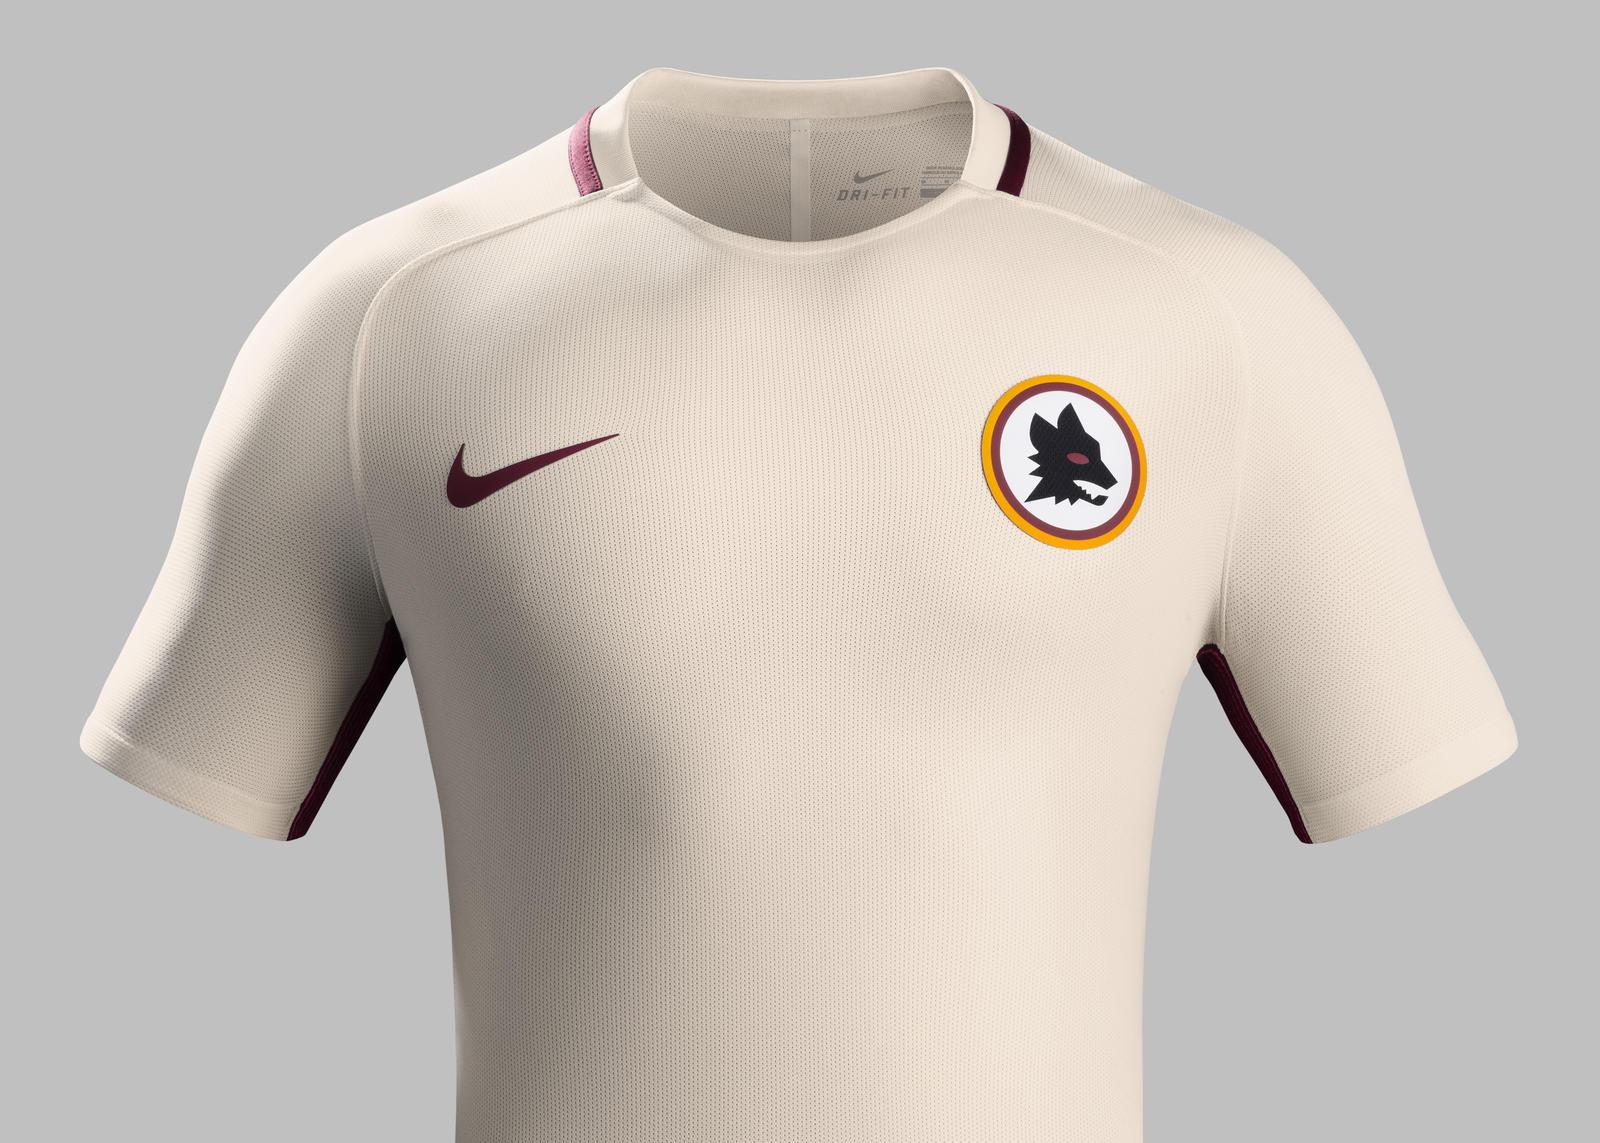 Le maillot extérieur de l'AS Roma 2016 - 2017